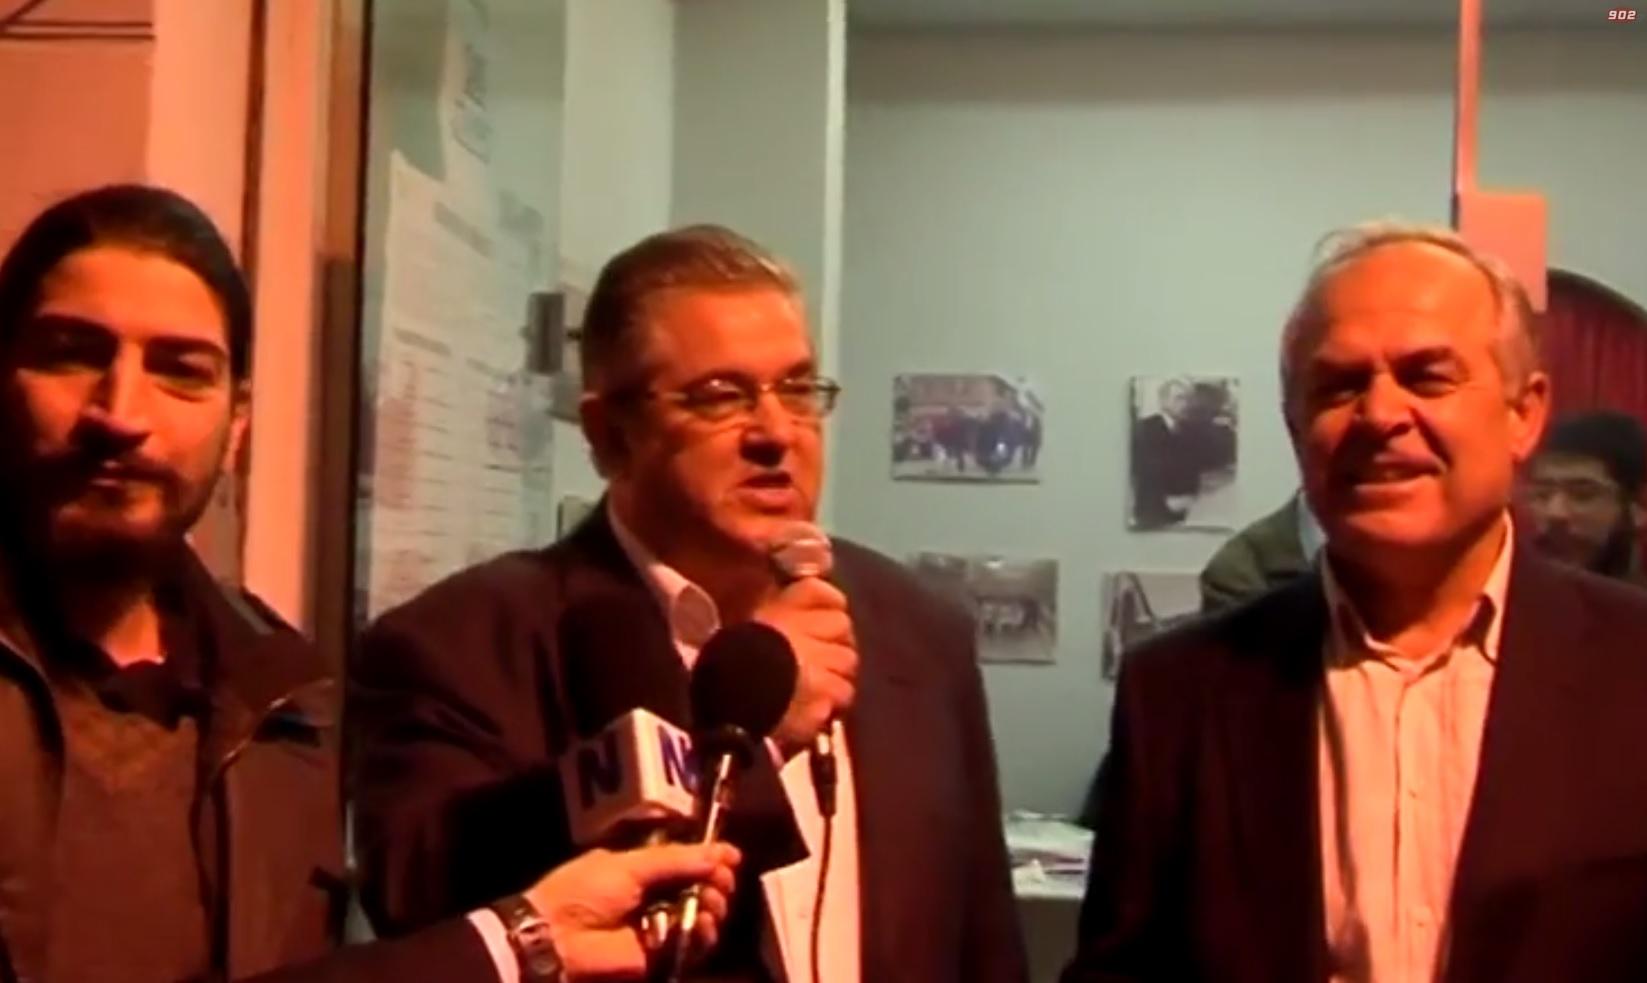 Στο ΚΚΕ ο δήμος Καισαριανής, επικράτησε του υποψηφίου του ΣΥΡΙΖΑ (βίντεο)